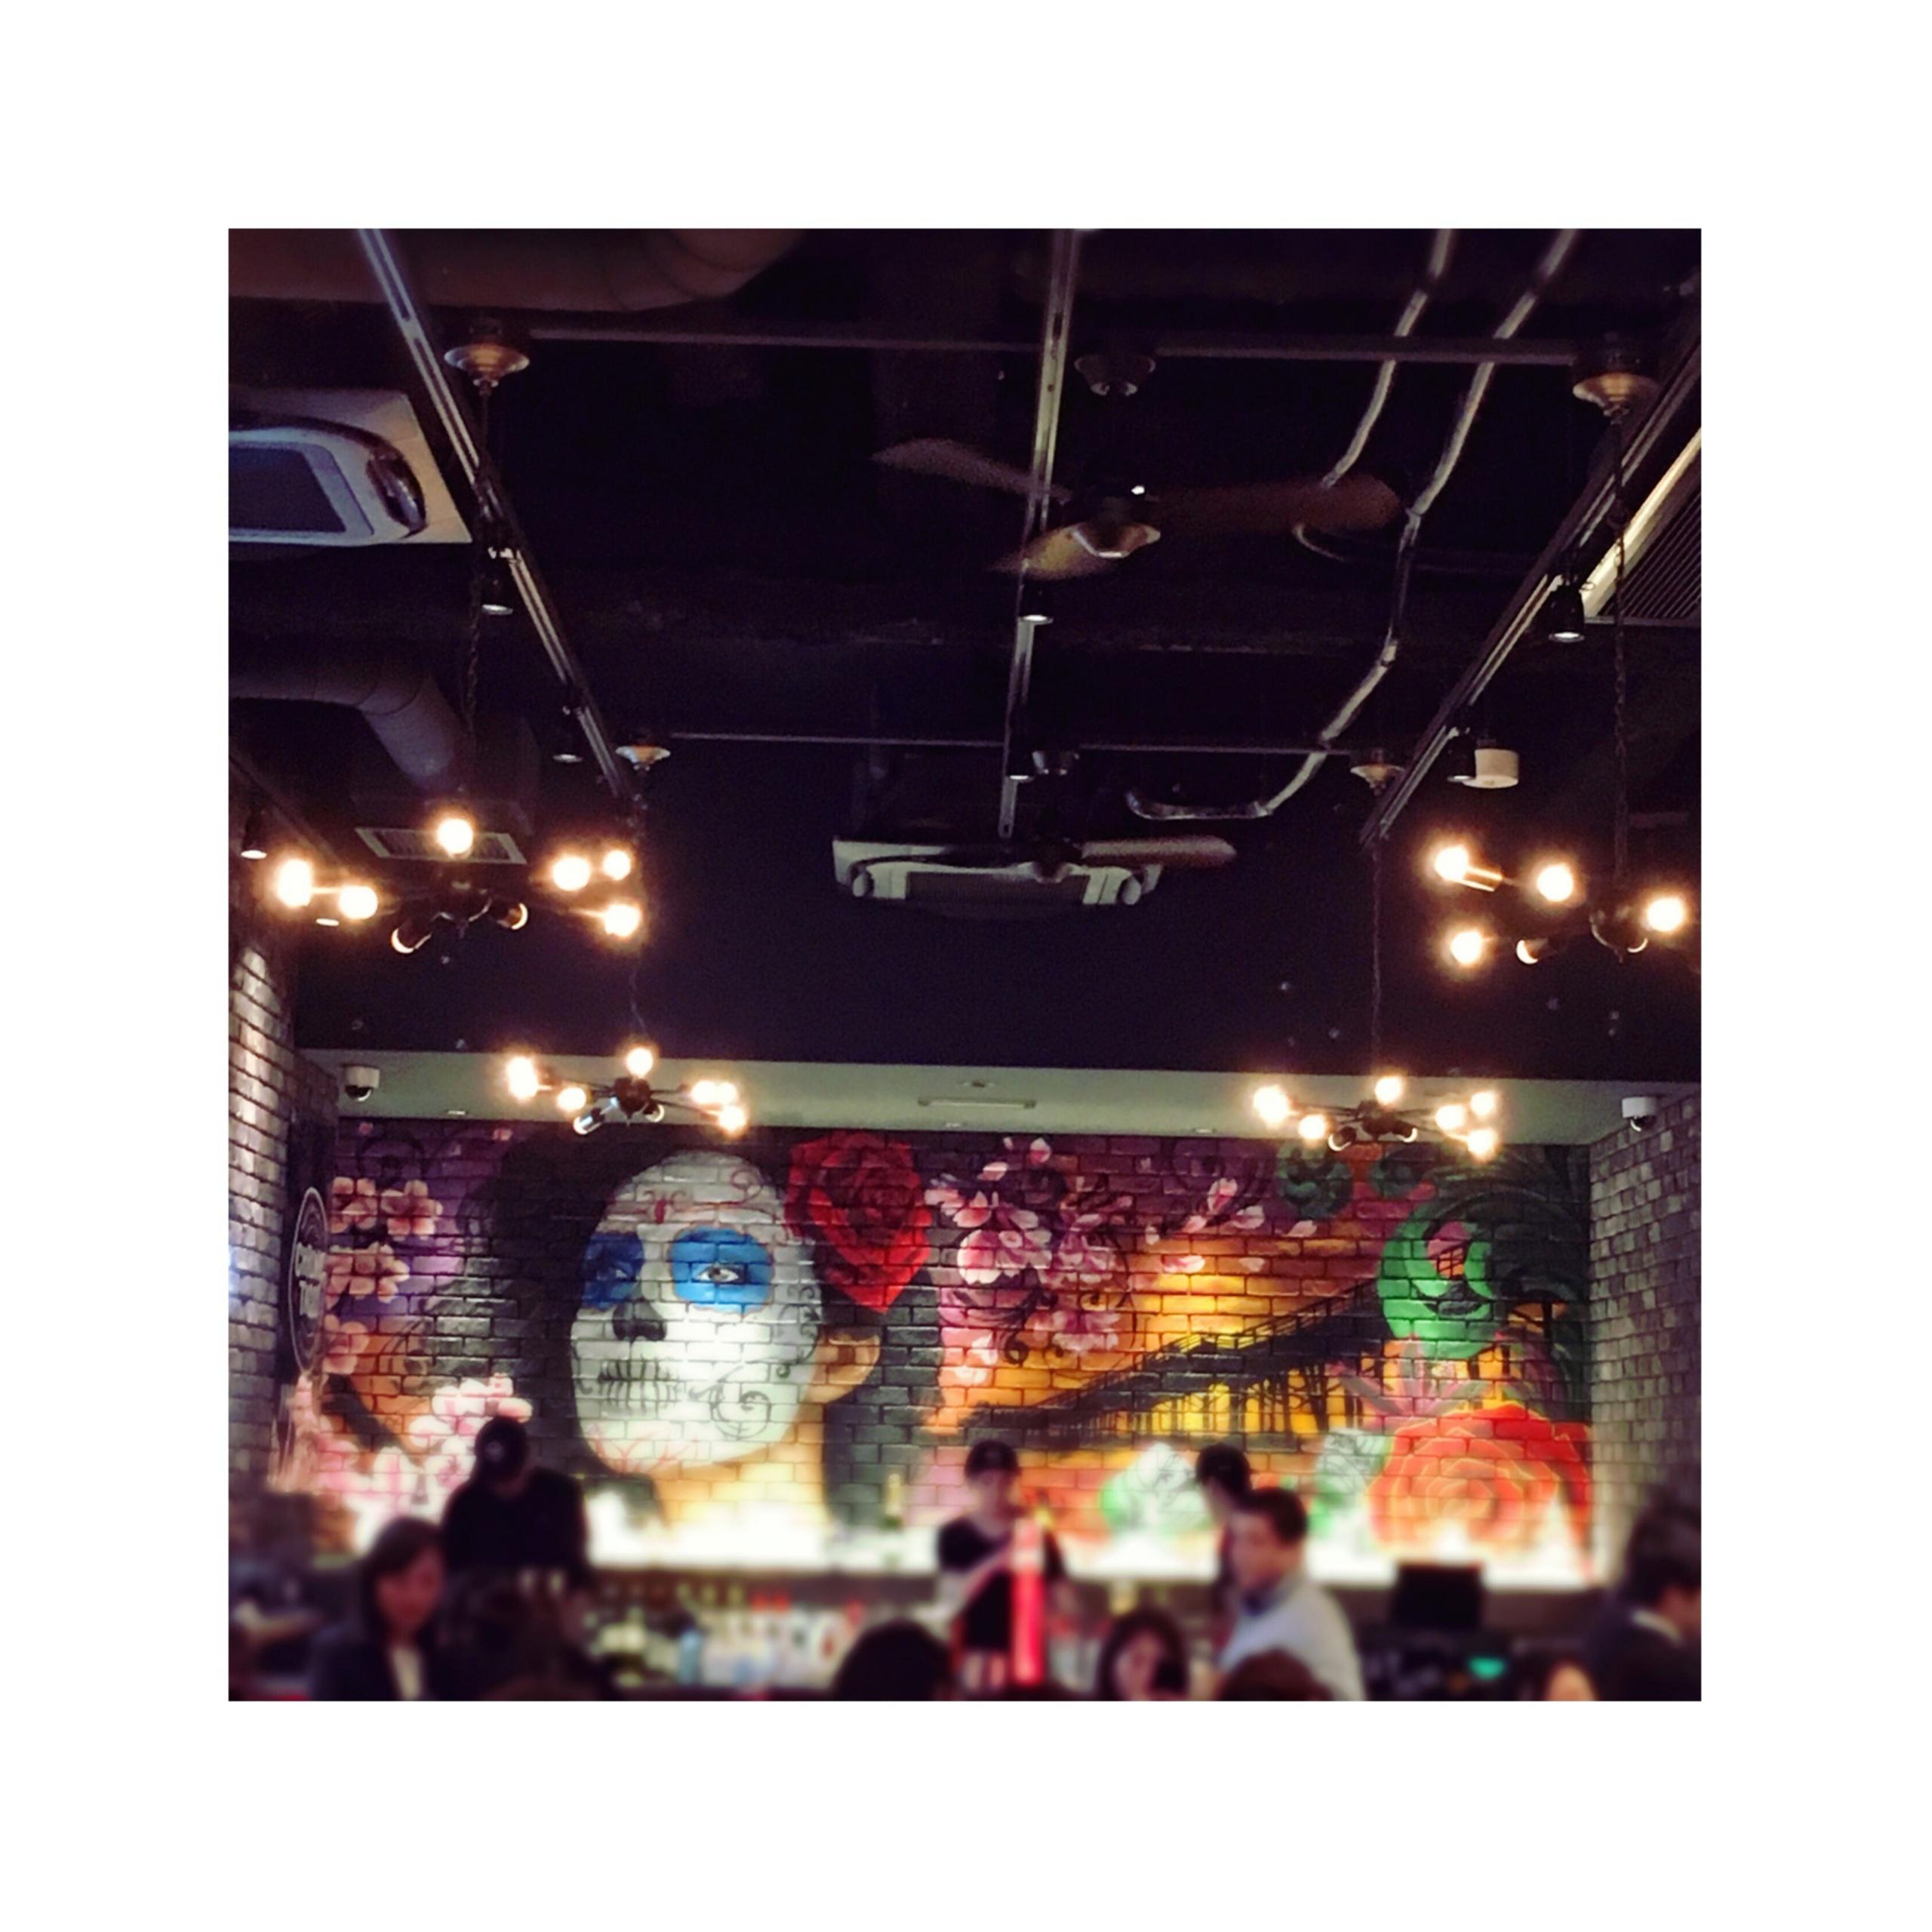 《3/8日本初上陸★》新鮮な食材から自由にカスタマイズ♪カリフォルニア発のメキシカン【クロニックタコス】が銀座にOPEN❤️3日間限定のドリンク無料キャンペーンも…?!_12